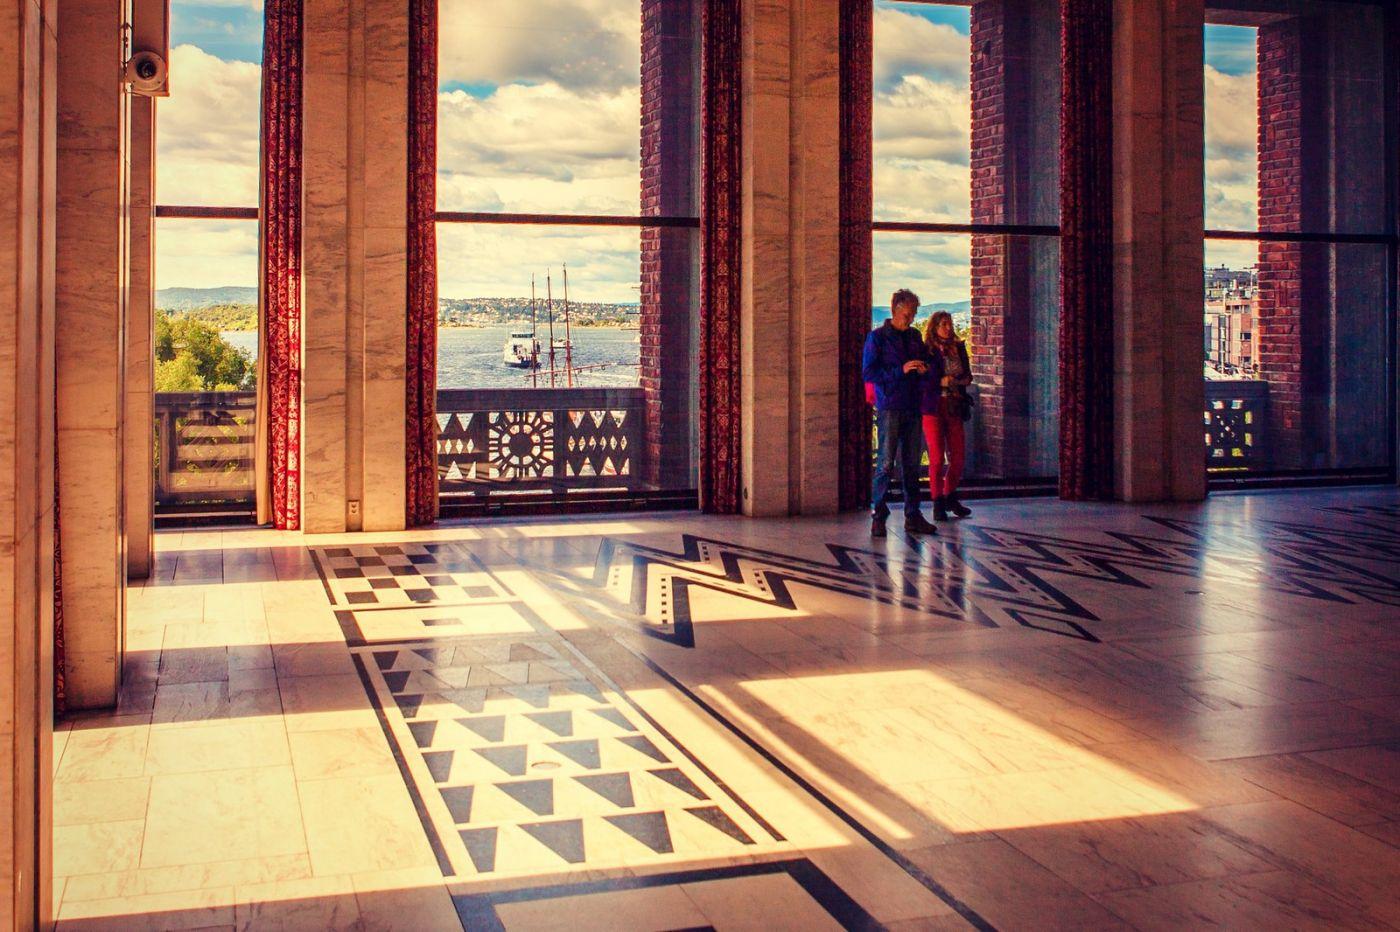 挪威奥塞罗市政厅,有品位_图1-17